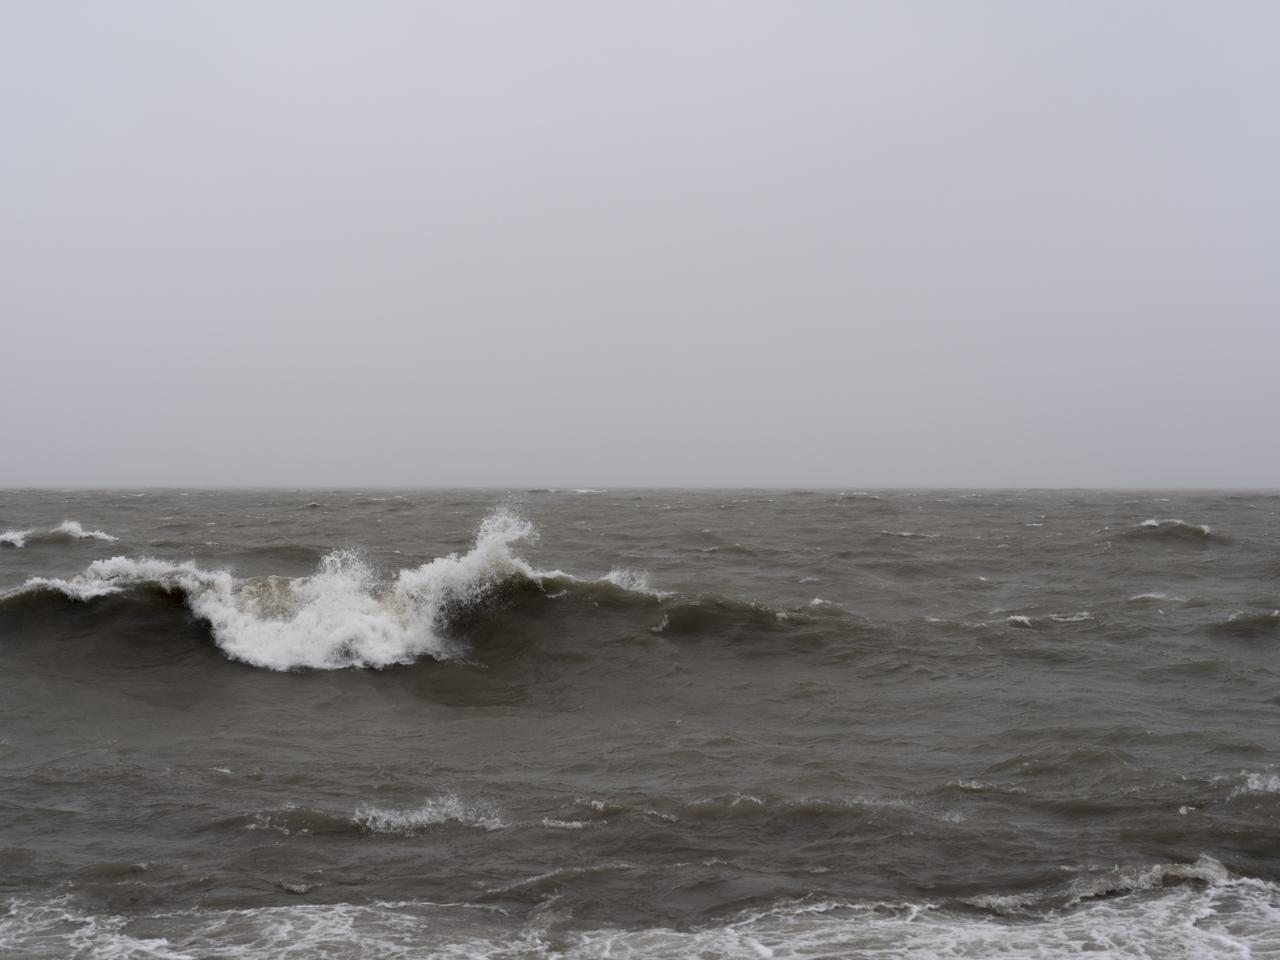 Lake Michigan, January 14th, 2020